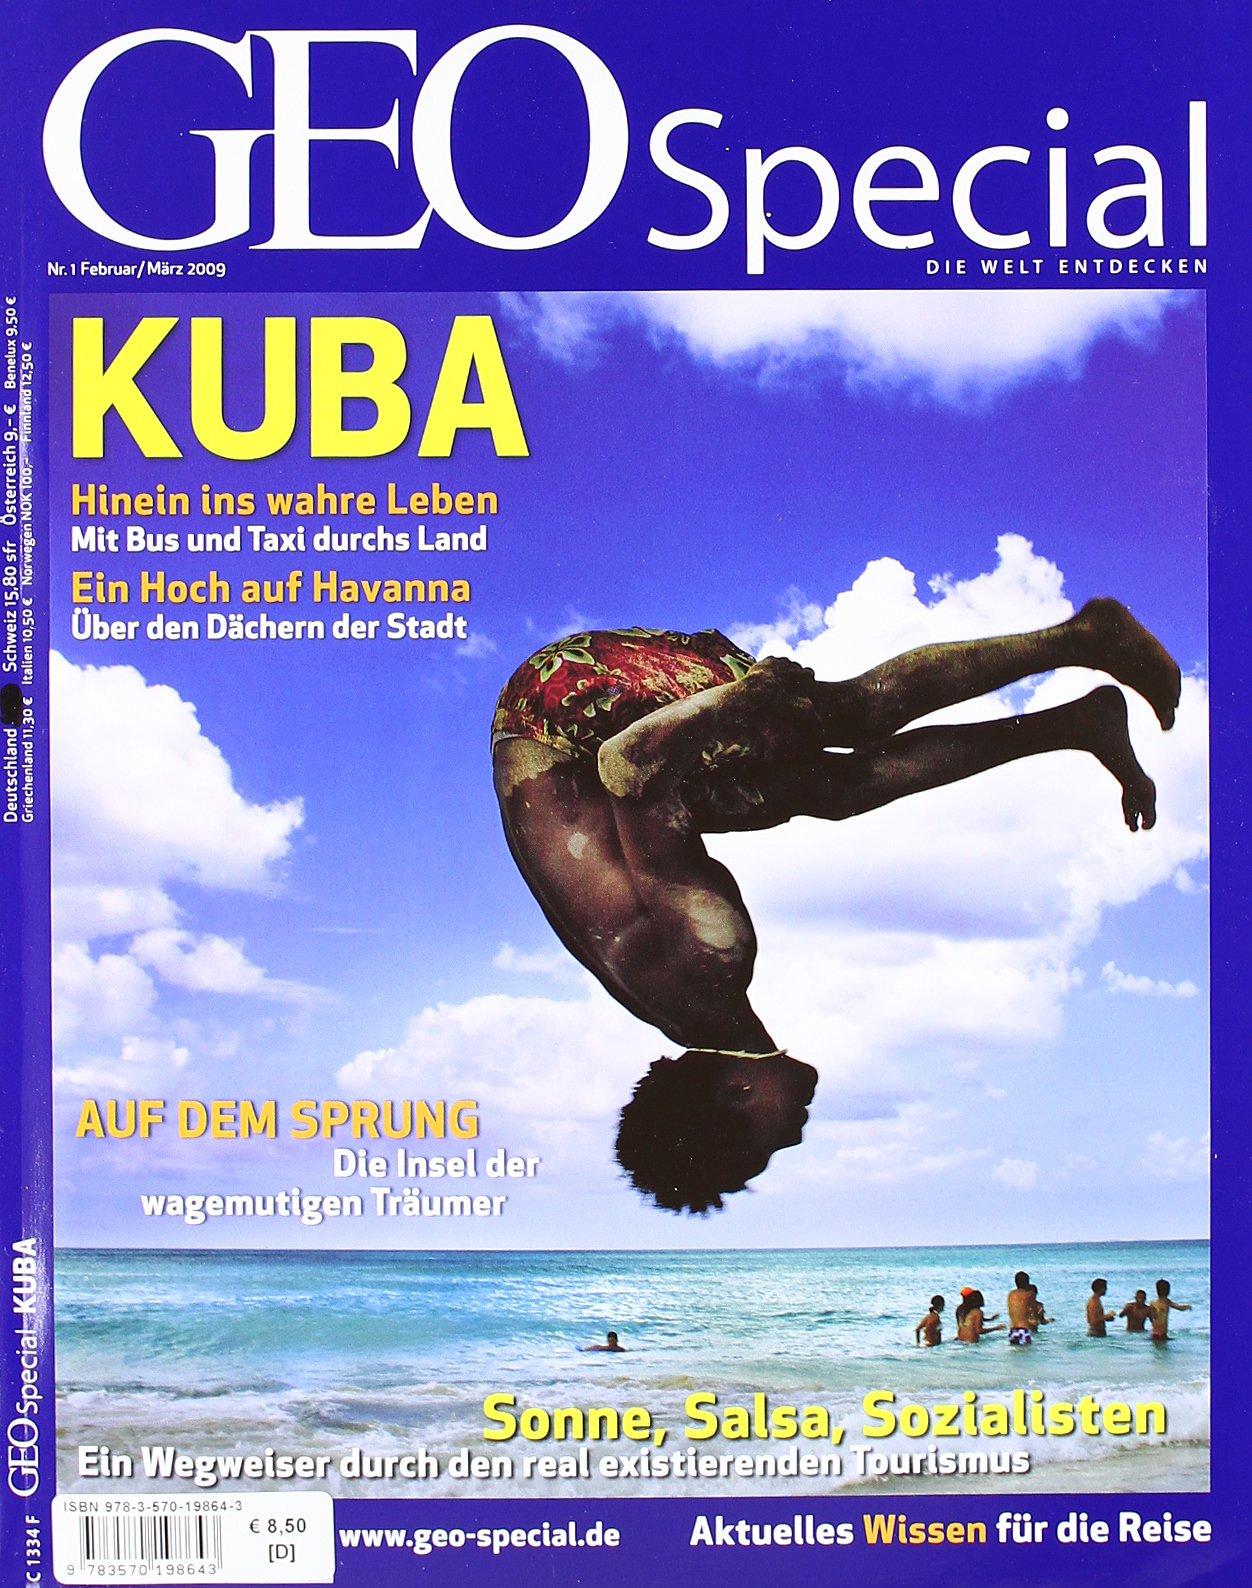 GEO Special / Kuba